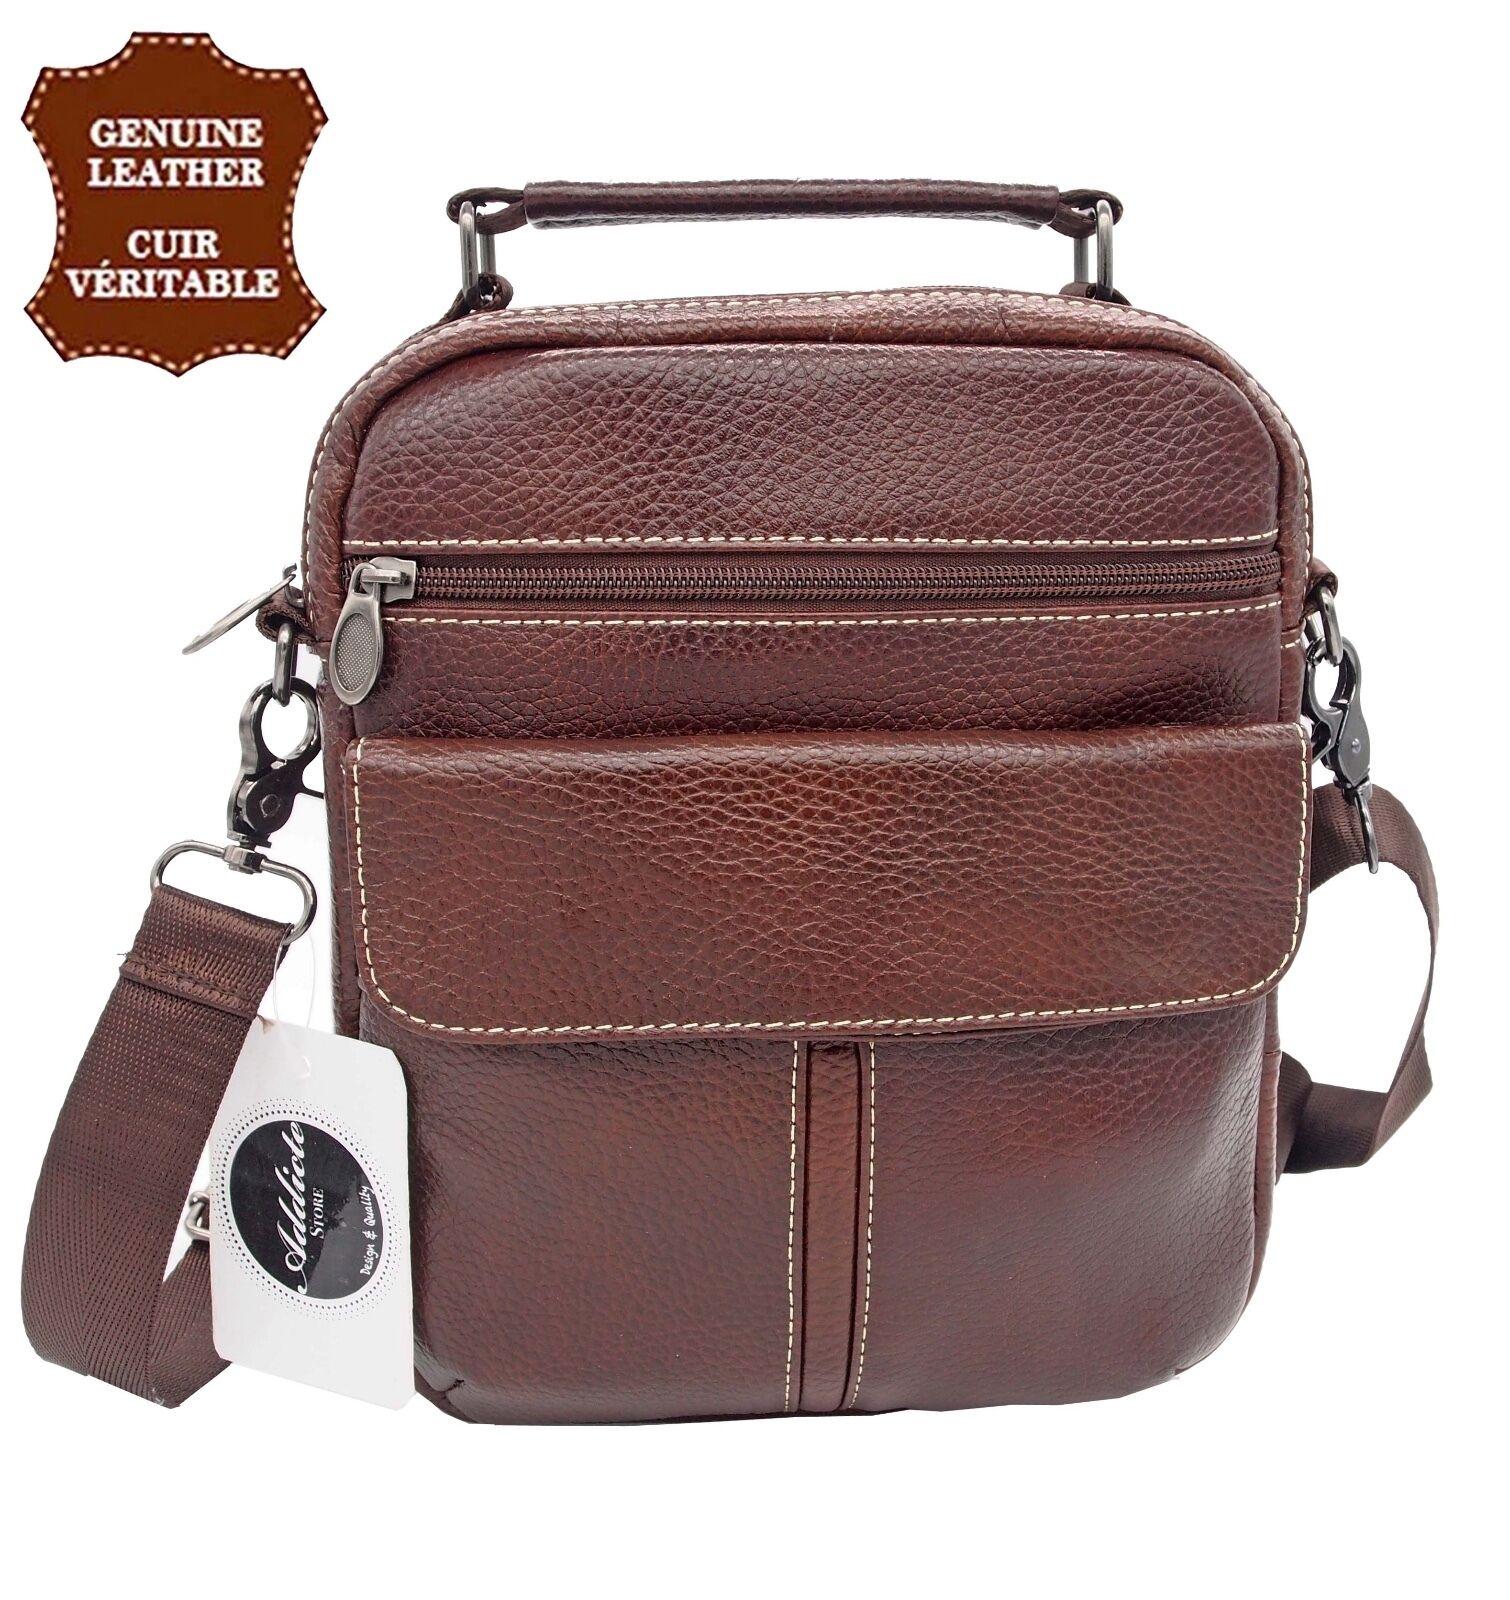 d1b394d03e Borsa borsa tracolla Grande modello Uomo vera pelle | eBay